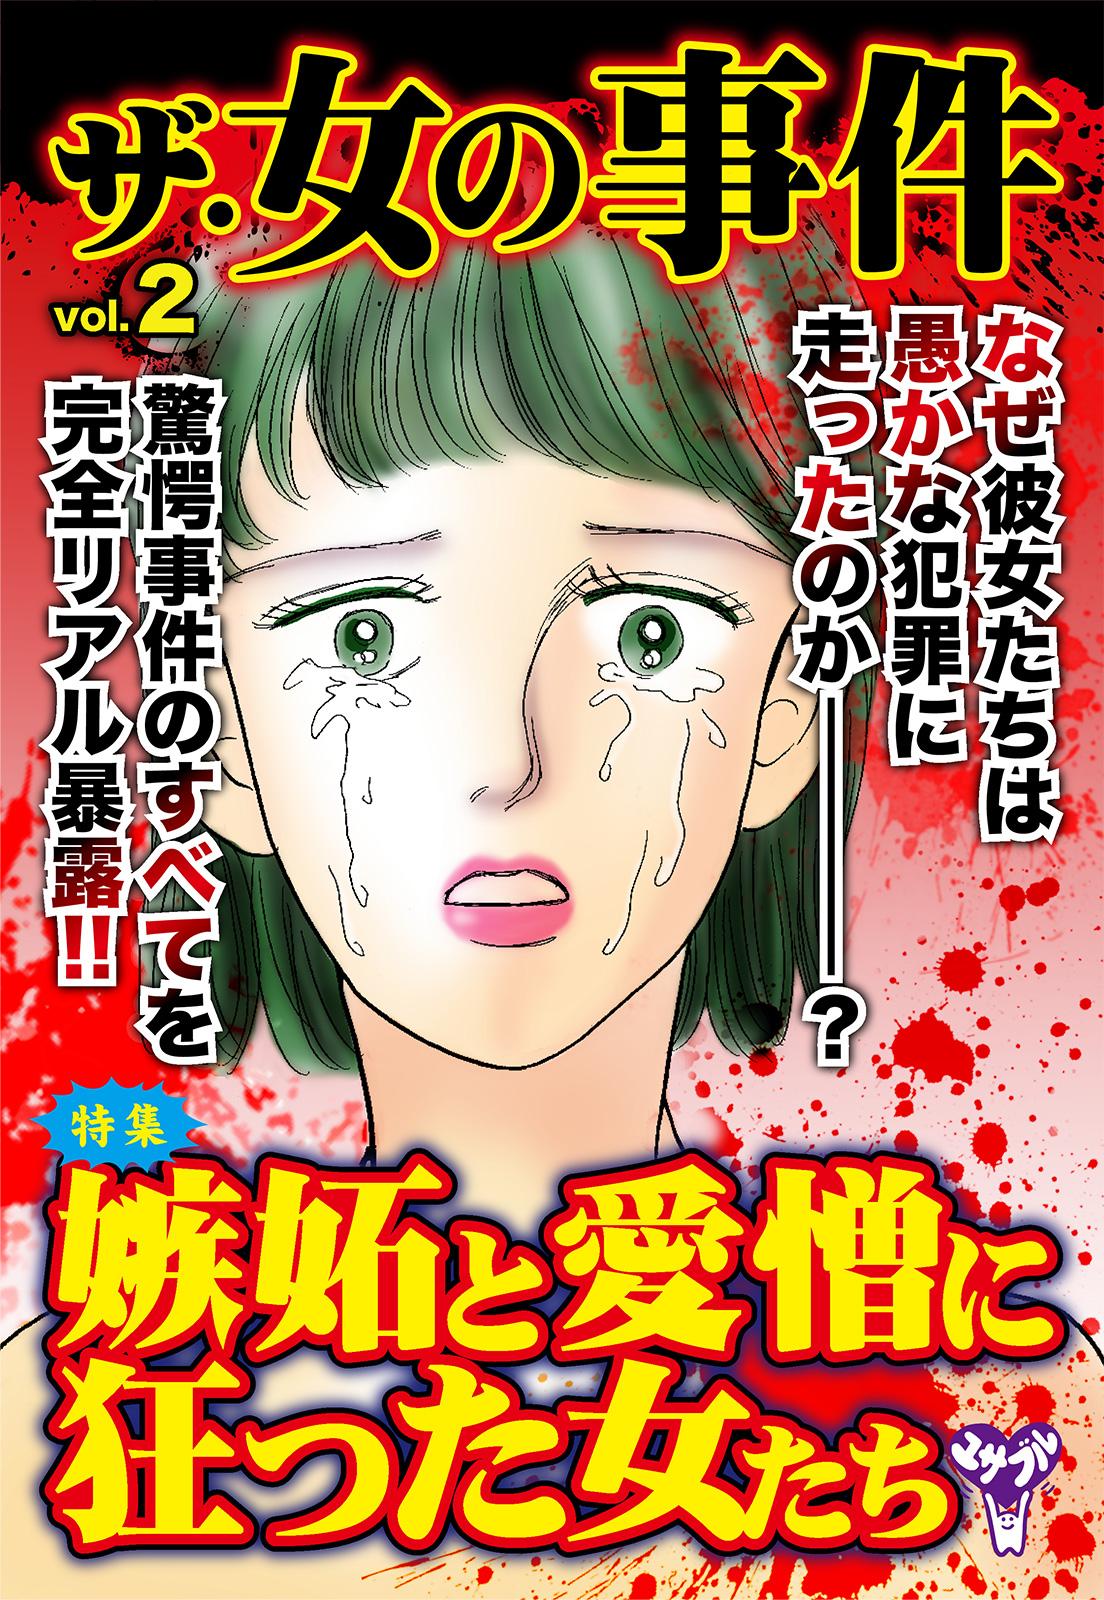 ザ・女の事件Vol.2(実母殺害!!おひとりさま女性の後悔)